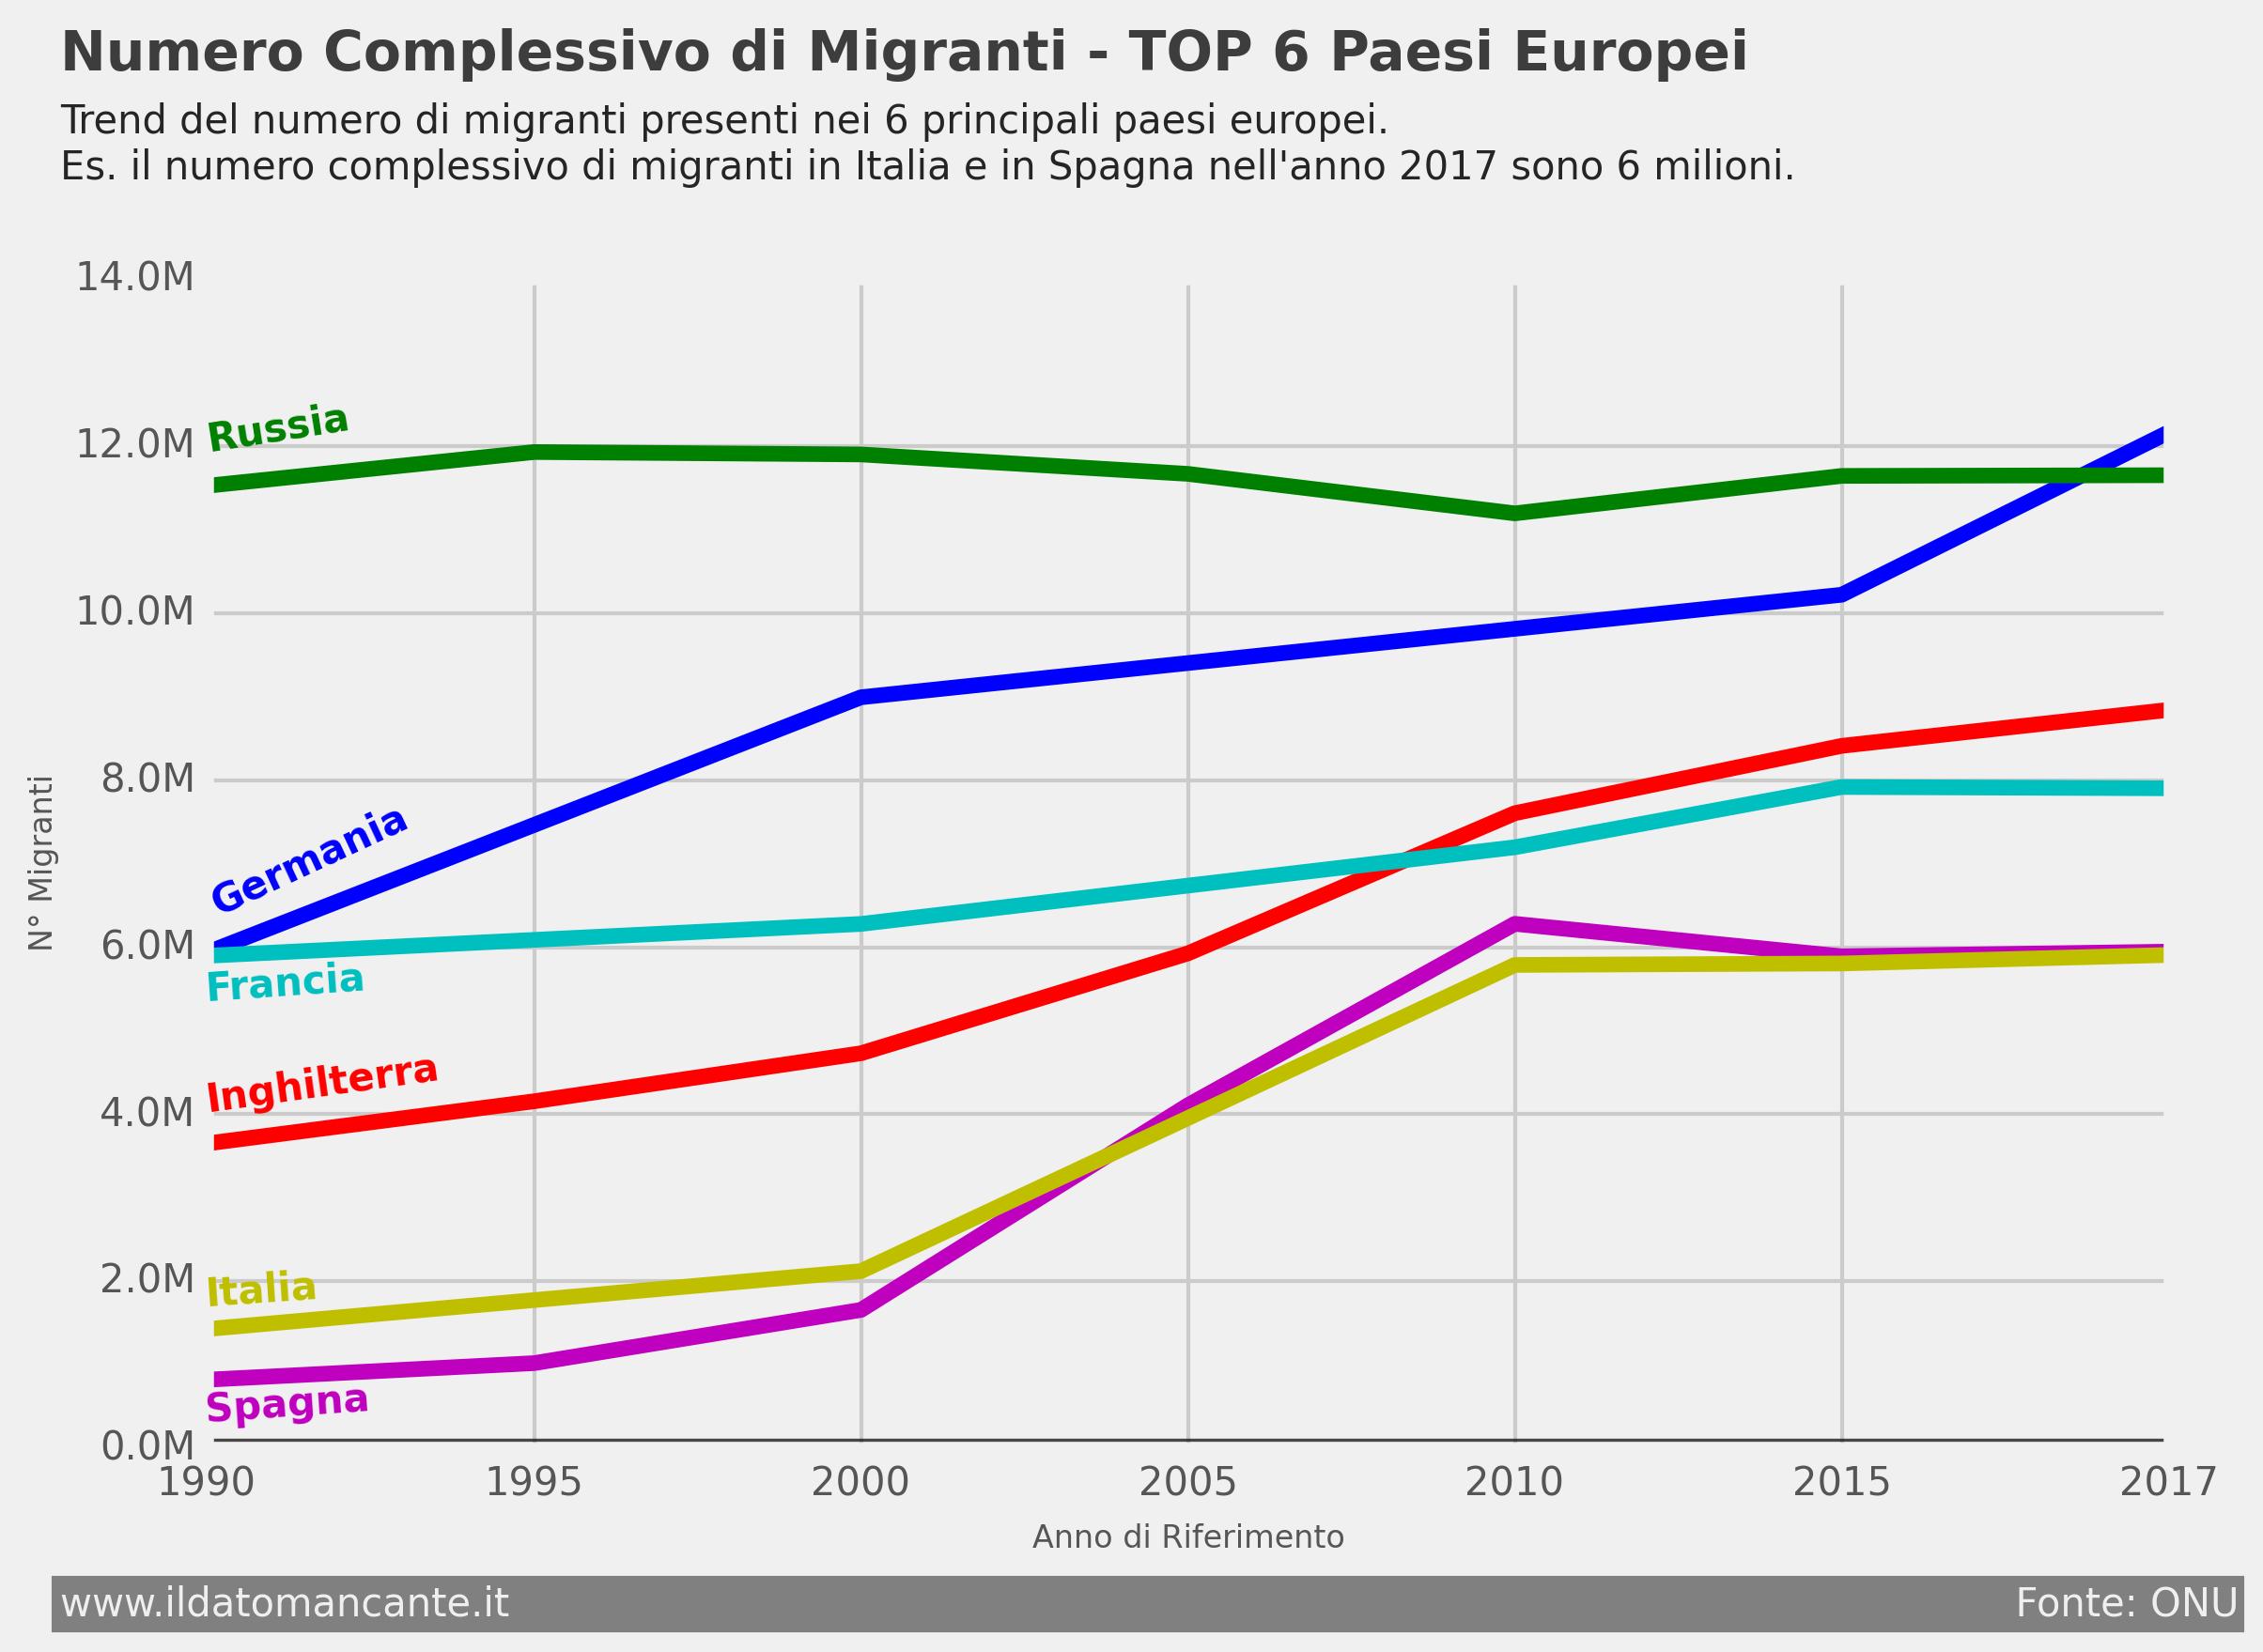 Numero complessivo di migranti nel 2017 in Europa